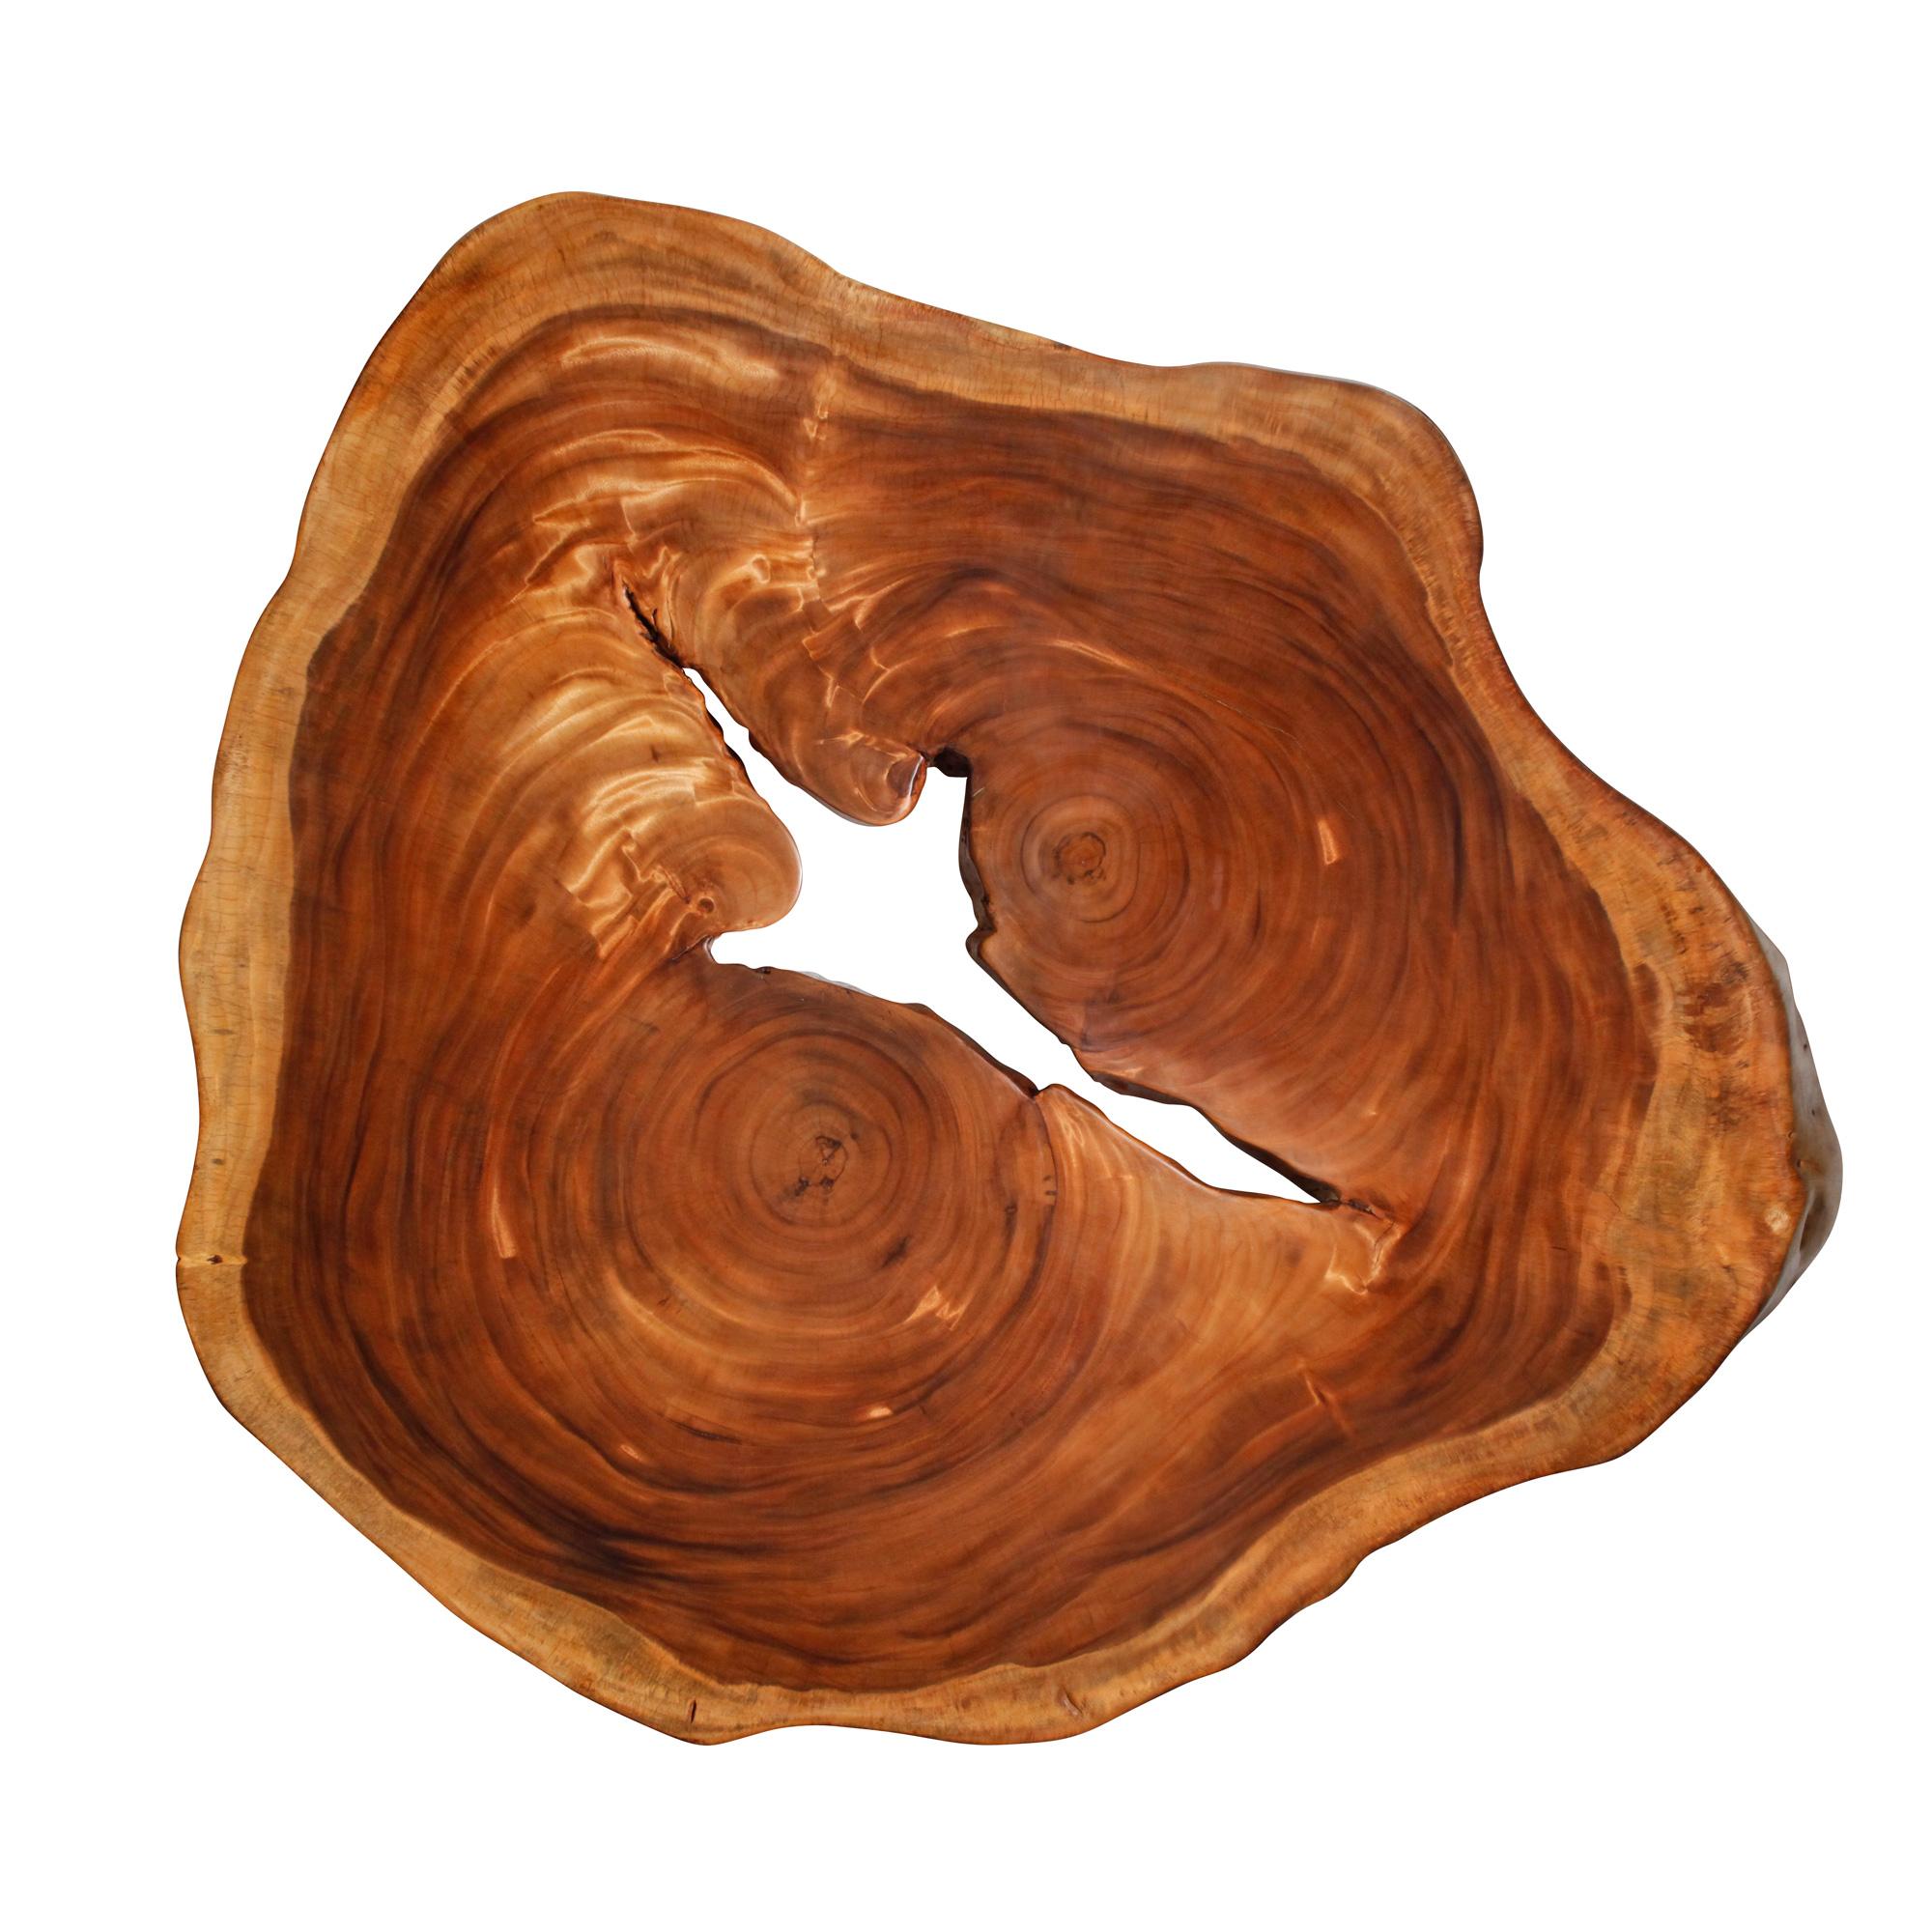 Saman Natural Wood Art - RG3